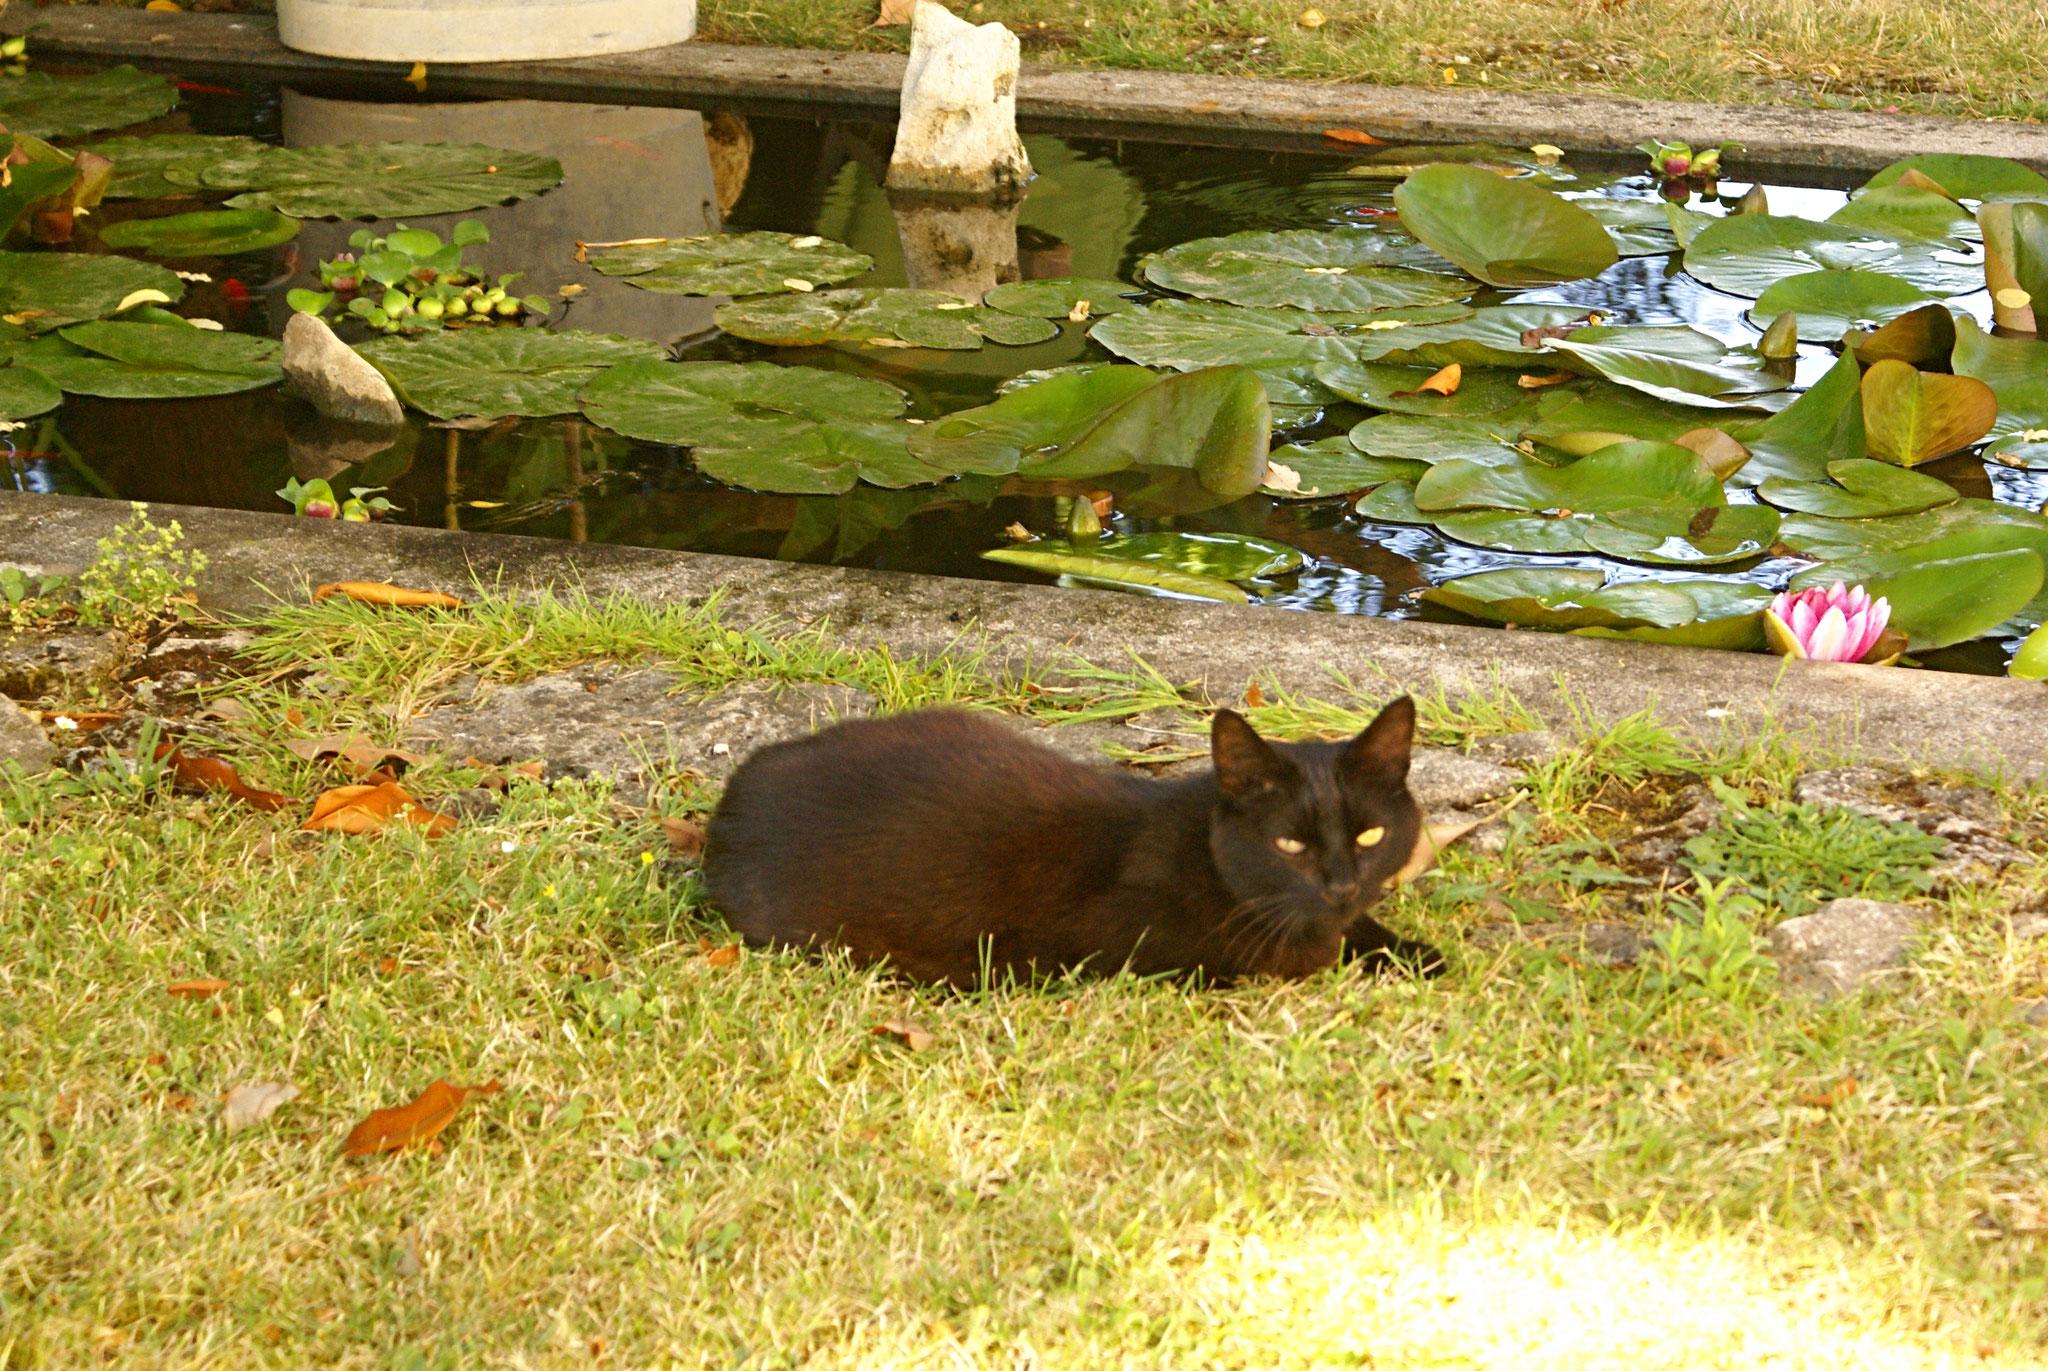 Moment de repos pour Titus le chat de la maison sur les bords du bassin aux poissons rouges